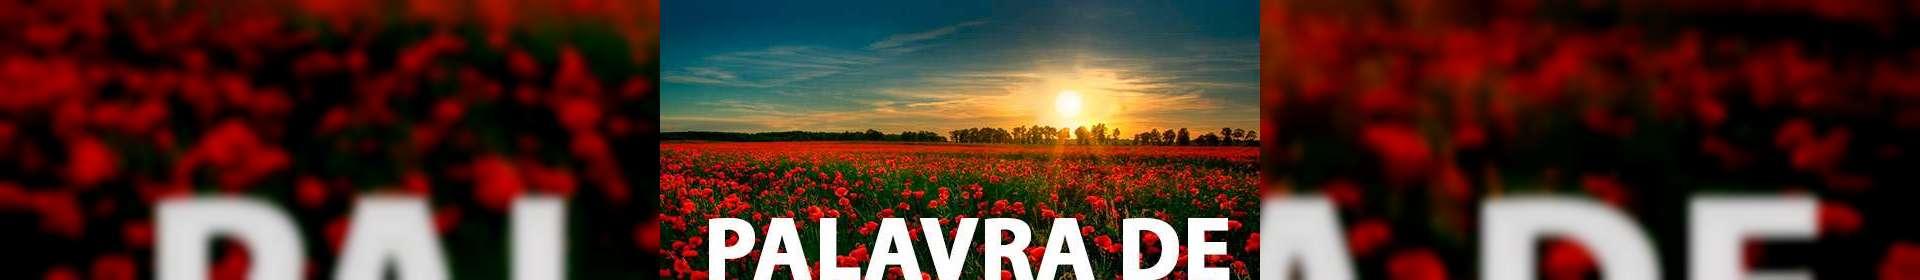 Salmos 62:12,5,6 - Uma Palavra de Esperança para sua vida